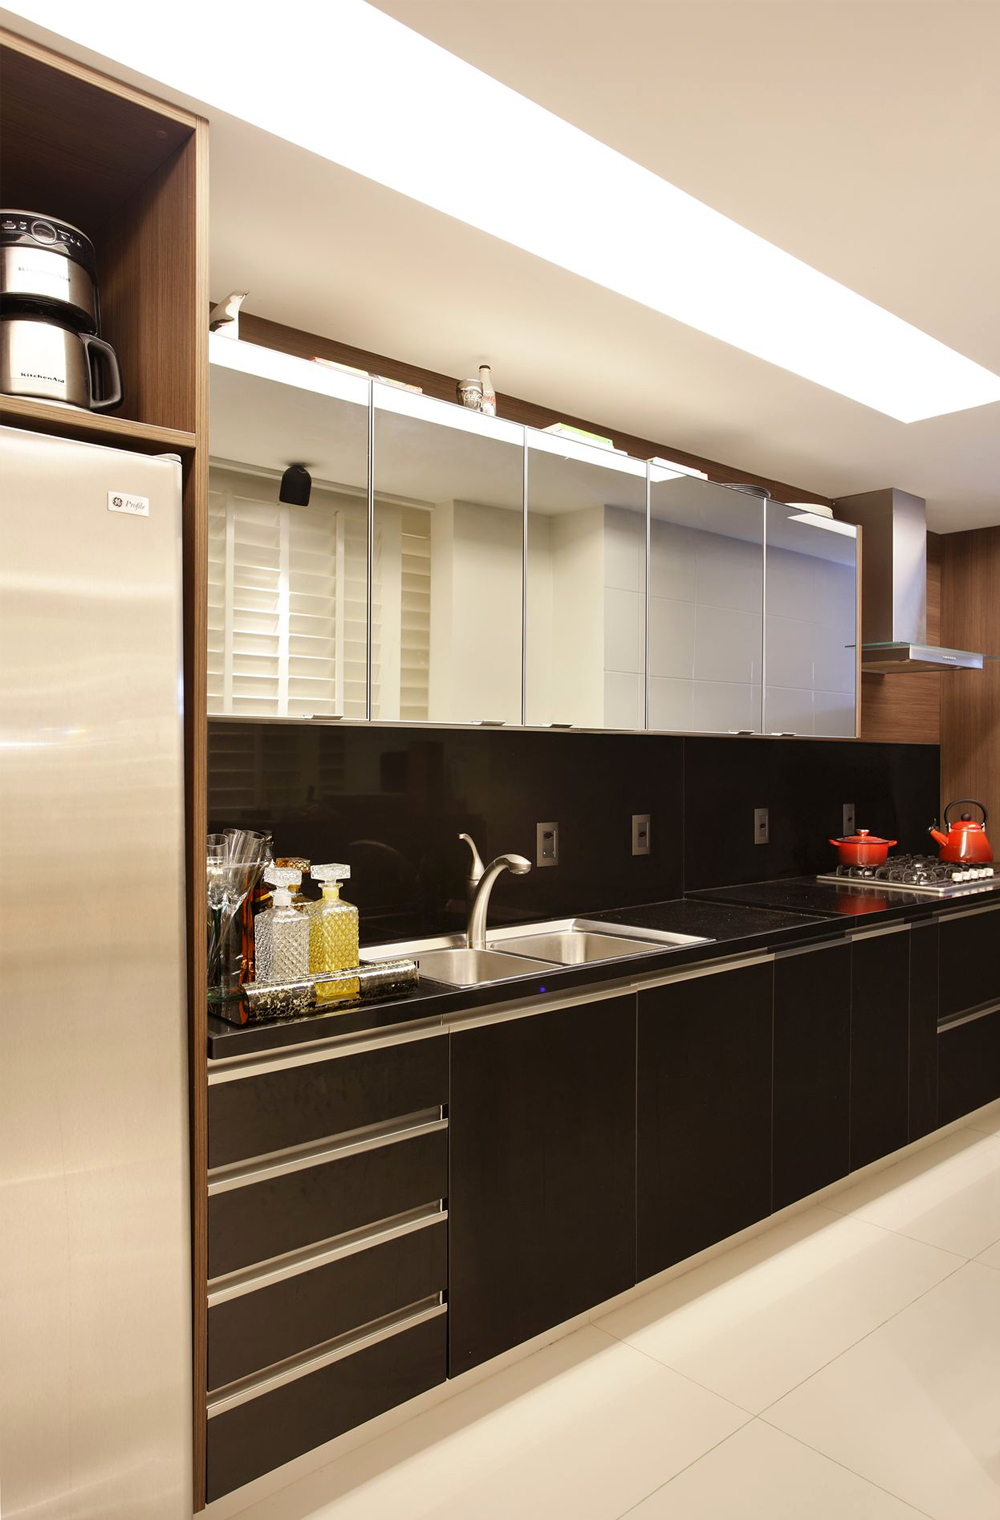 Cozinha Escondida Em Armário Com Portas De Correr Articuladas   Linda,  Compacta E Funcional! Kitchen StylingKitchen DecorKitchen ...